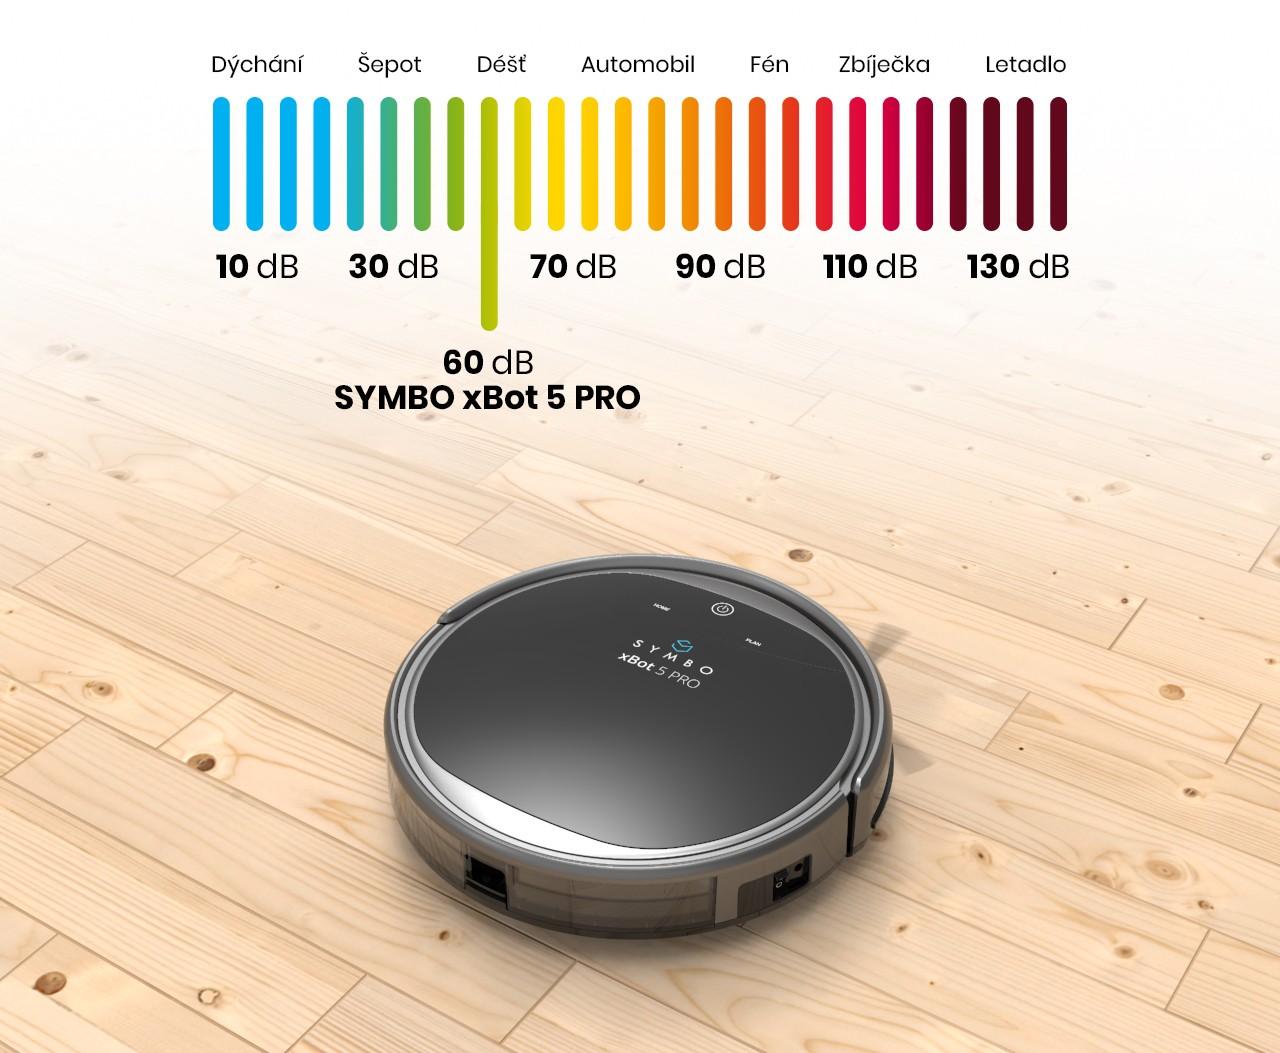 Vysávač s hlučnosťou do 60 dB